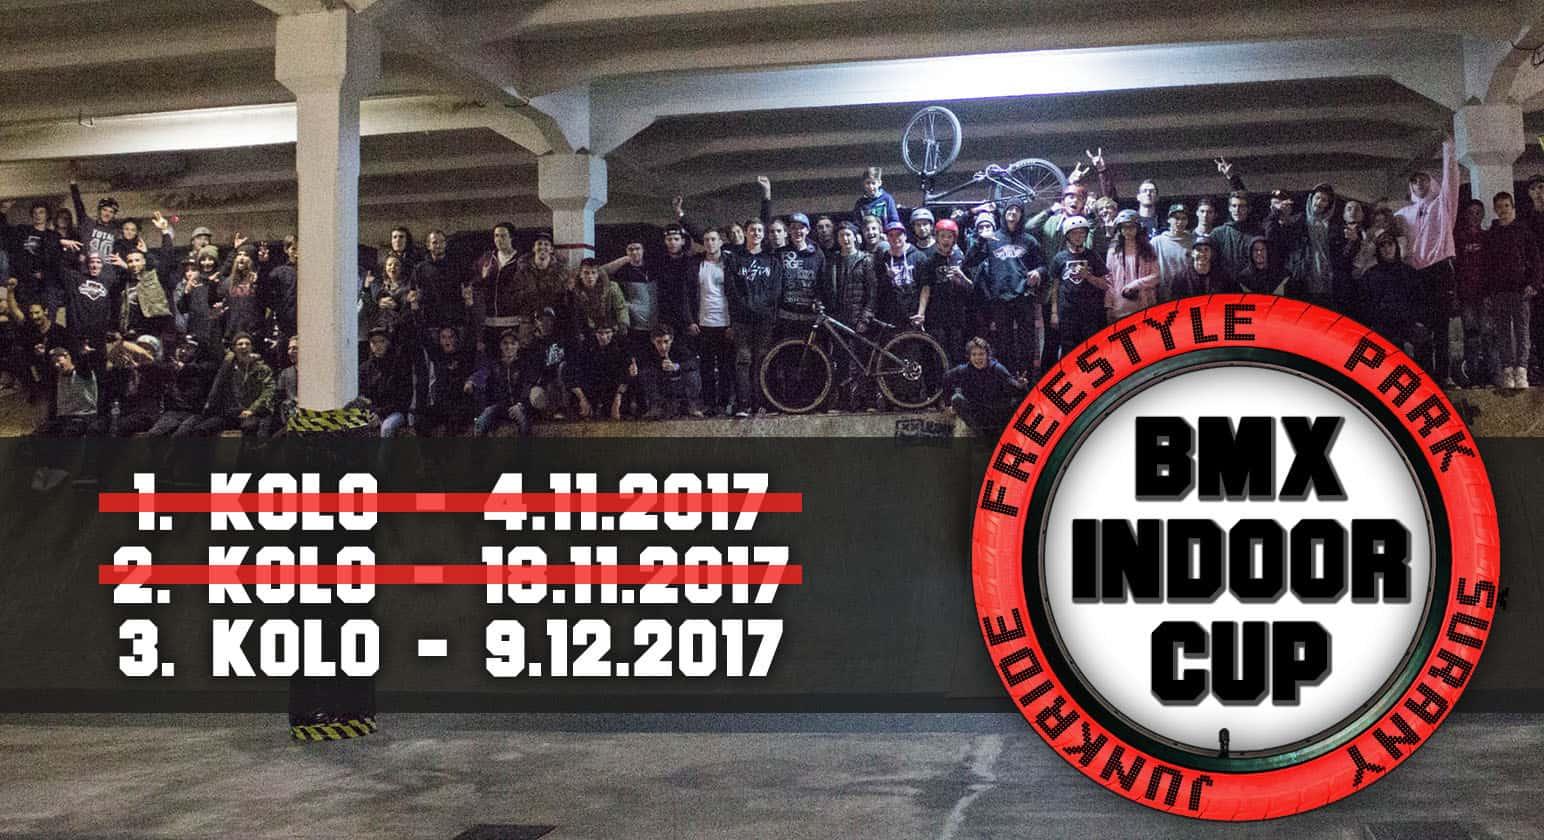 INDOOR CUP EVENT